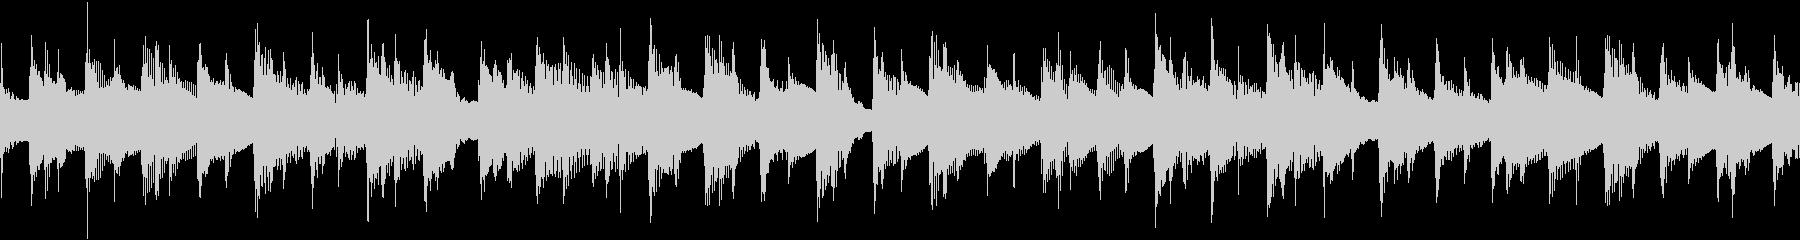 ナイロンアコギのみの陽気な伴奏のループ曲の未再生の波形